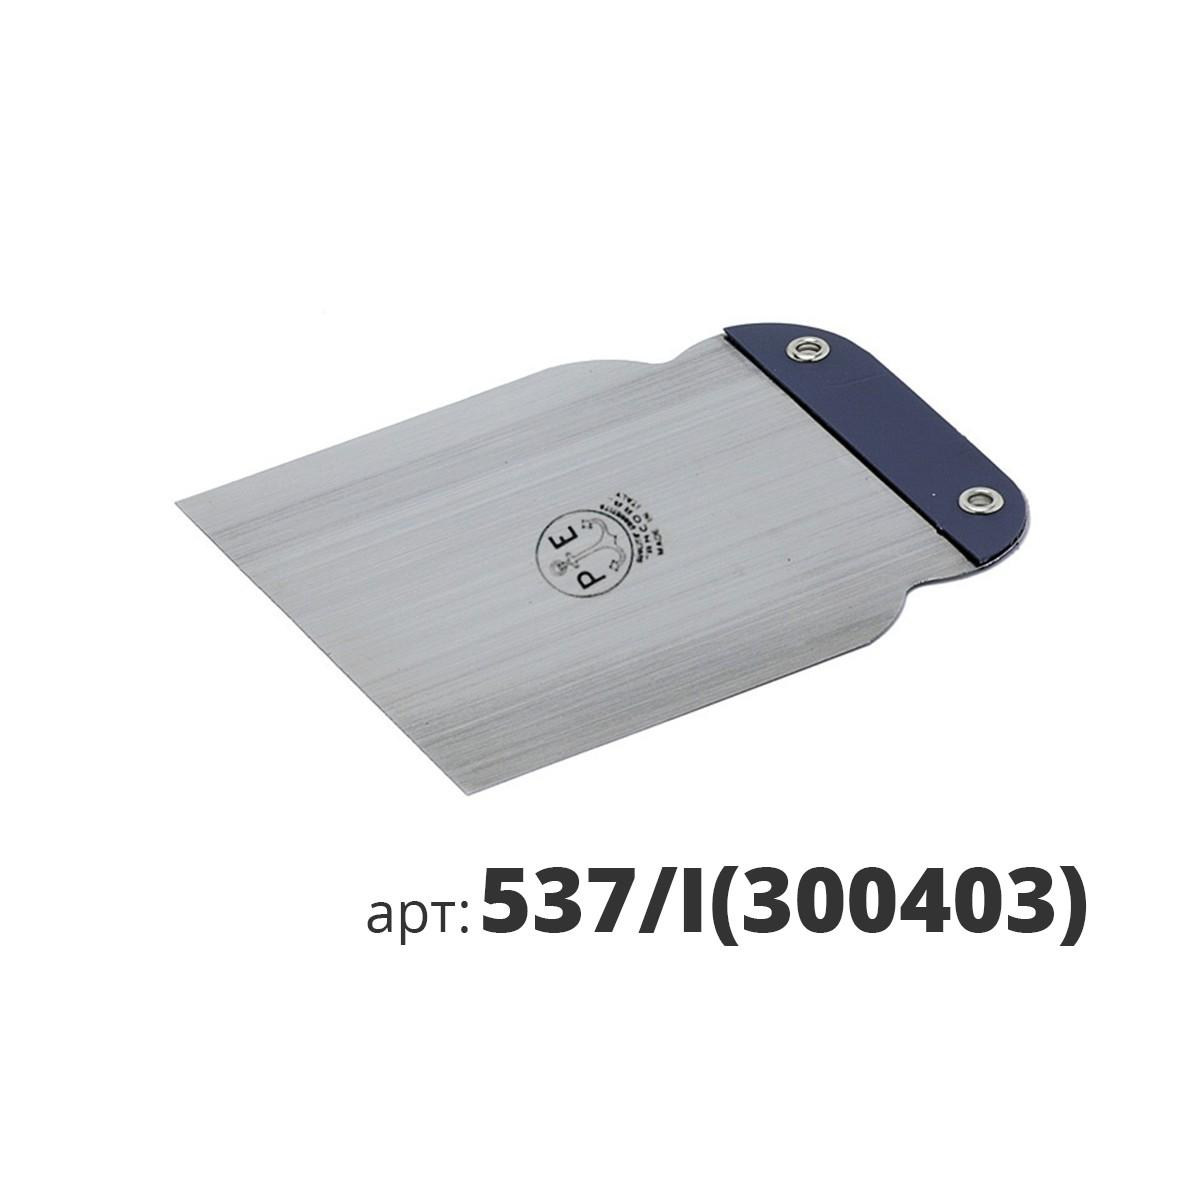 PAVAN шпатель японский из нержавеющей стали 537/I(300403)